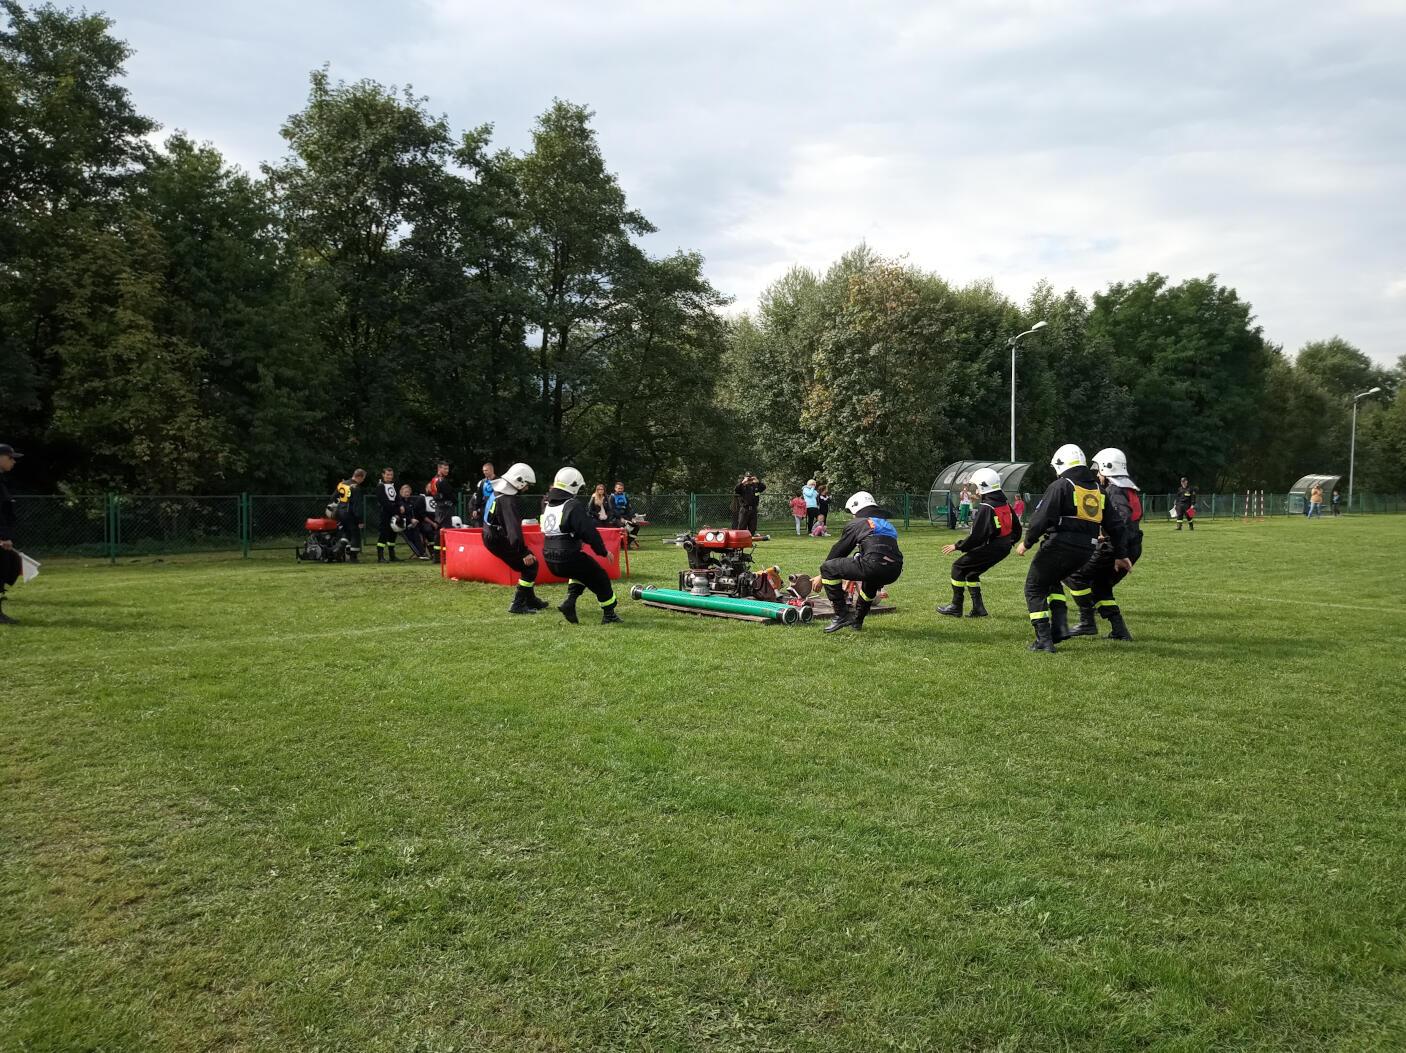 Strażacy rozpoczynają zawody